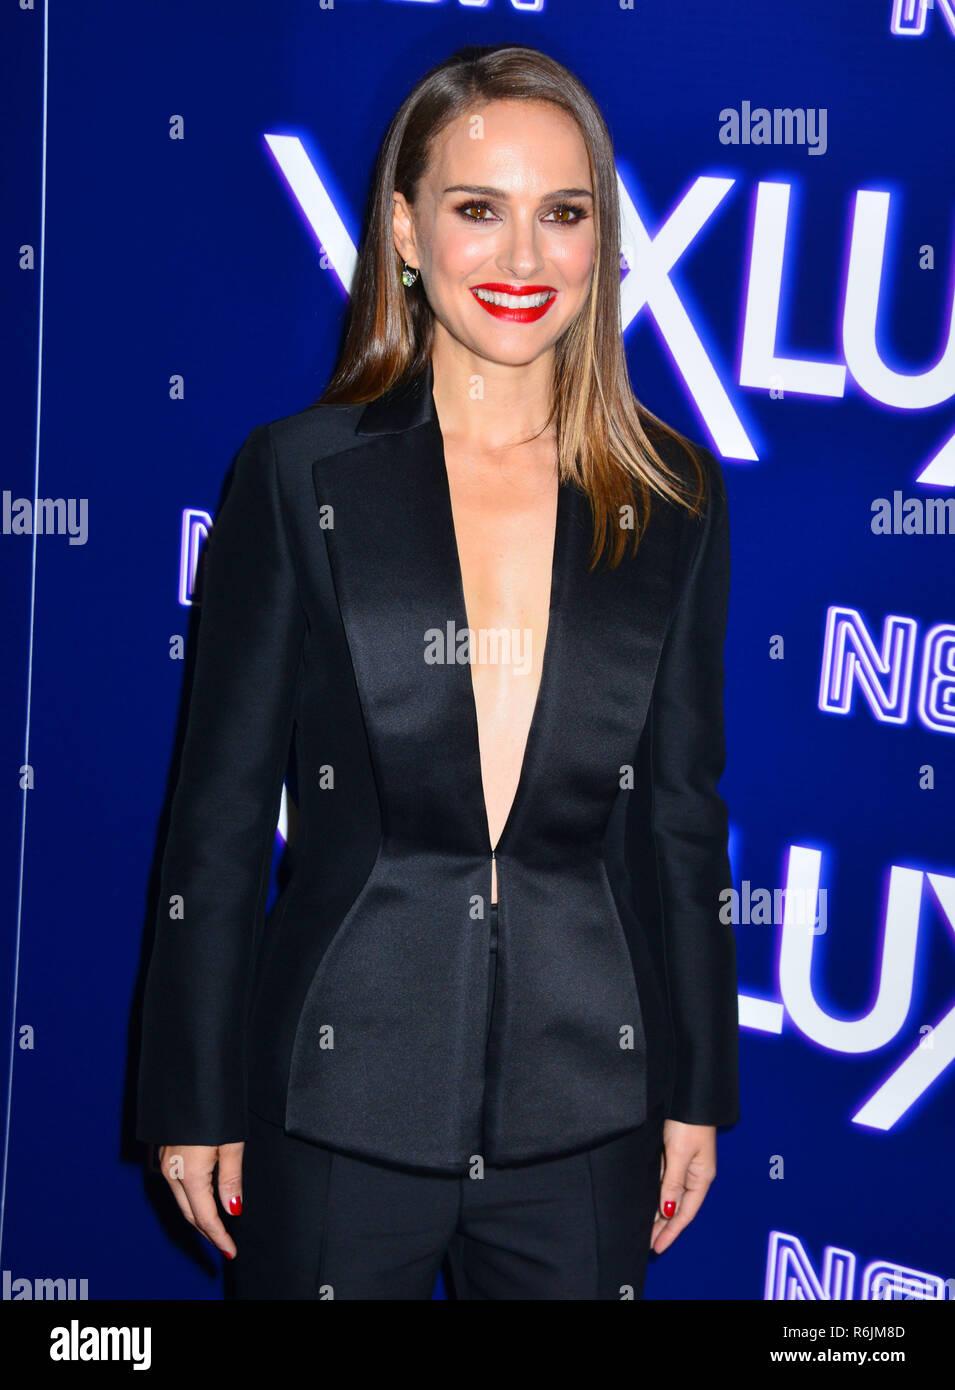 Los Angeles, California, EEUU. El 05 de diciembre de 2018. Un_Natalie Portman 005 en la Premiere de neón de Vox Lux en ArcLight Hollywood el 5 de diciembre de 2018, en Hollywood, California. Crédito: Tsuni / USA/Alamy Live News Imagen De Stock